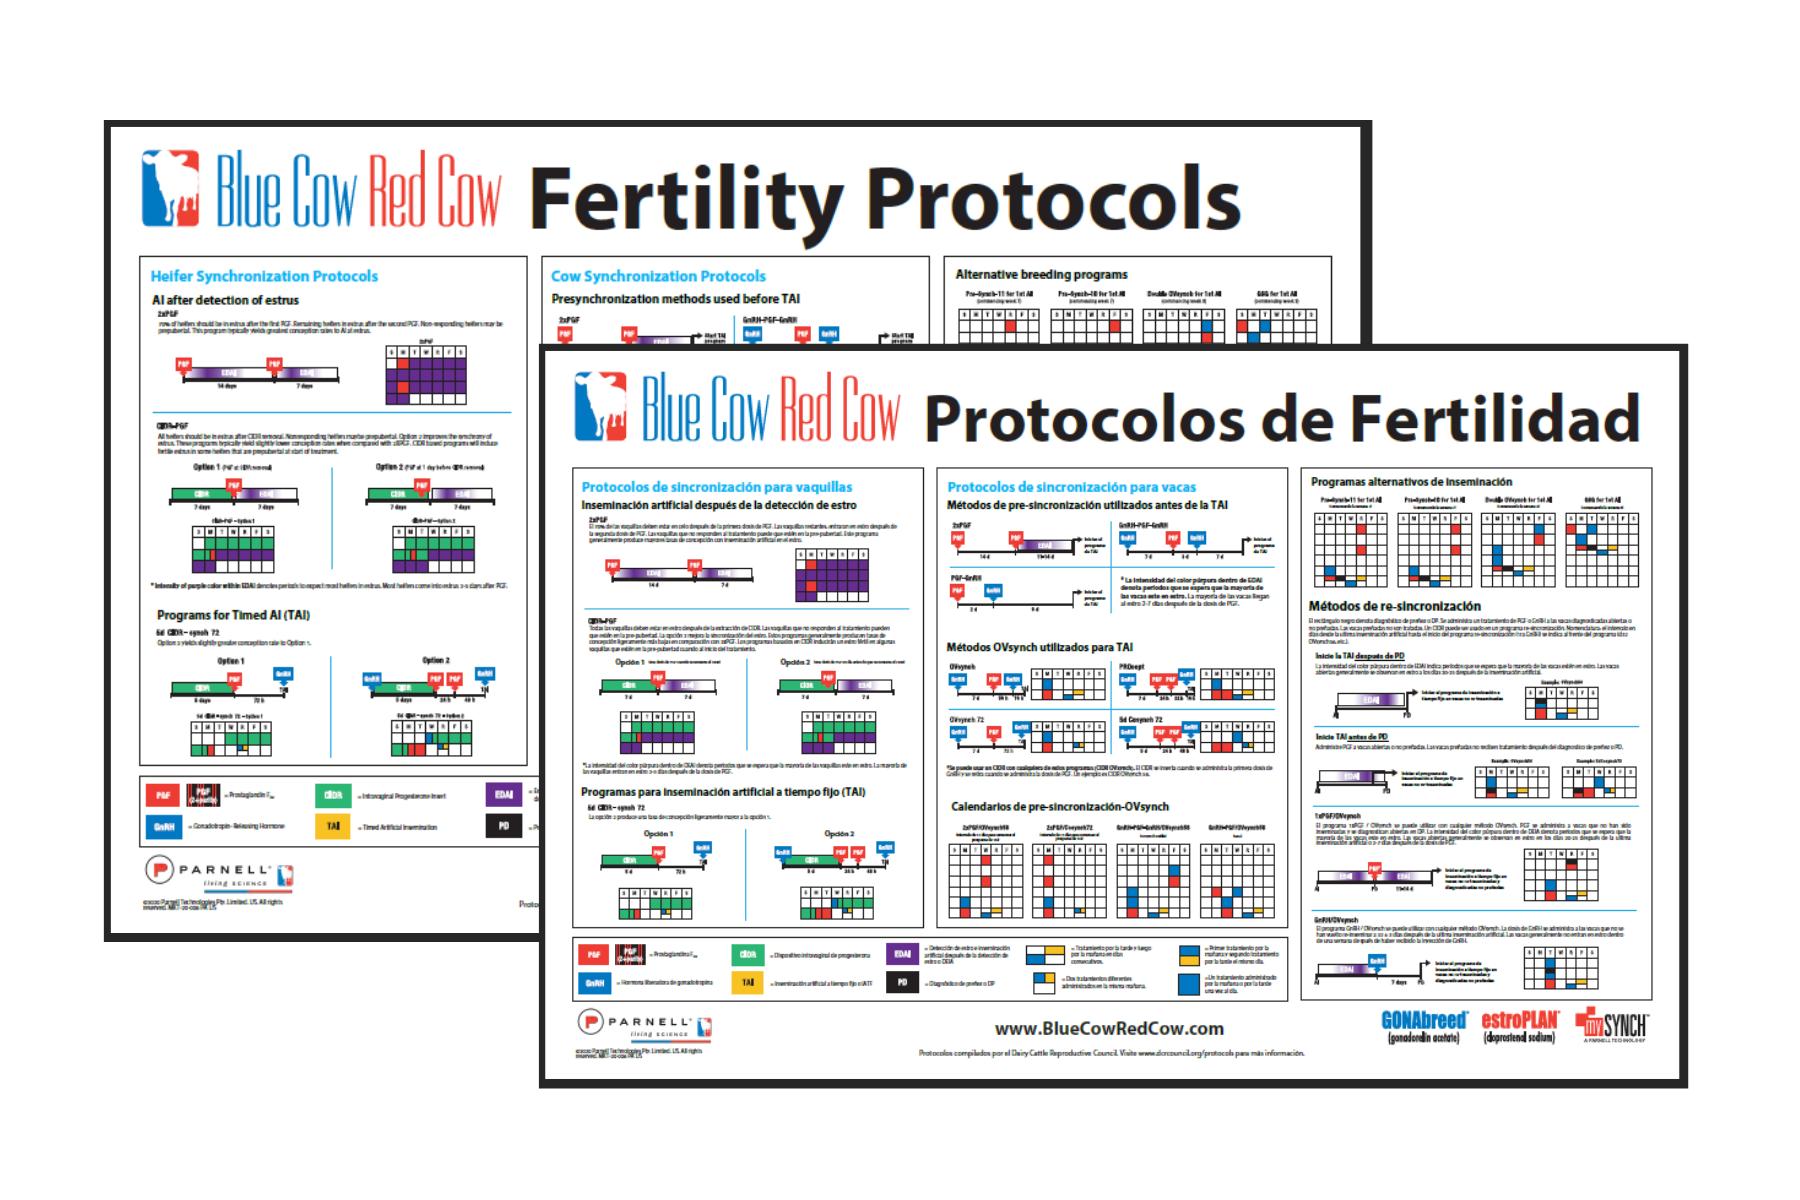 Fertility Protocol Poster